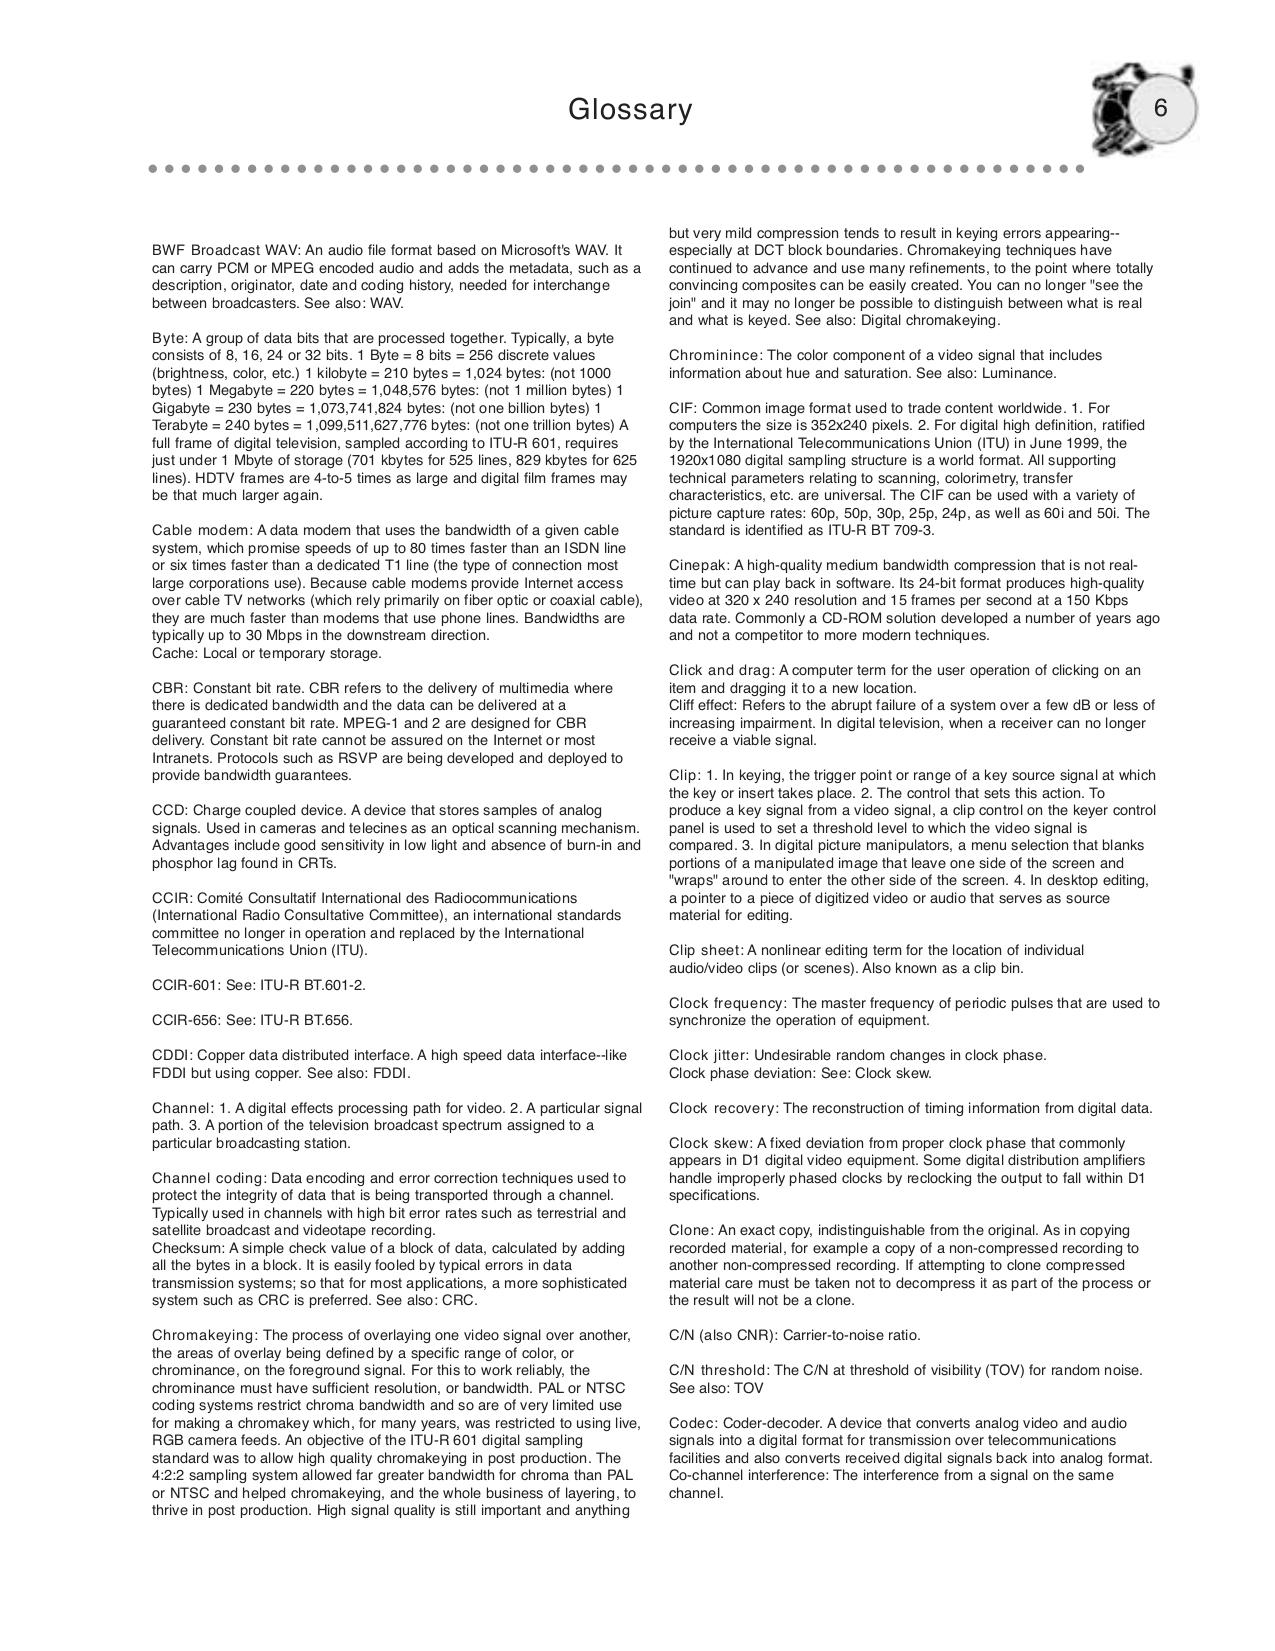 Dictionary pdf telecom